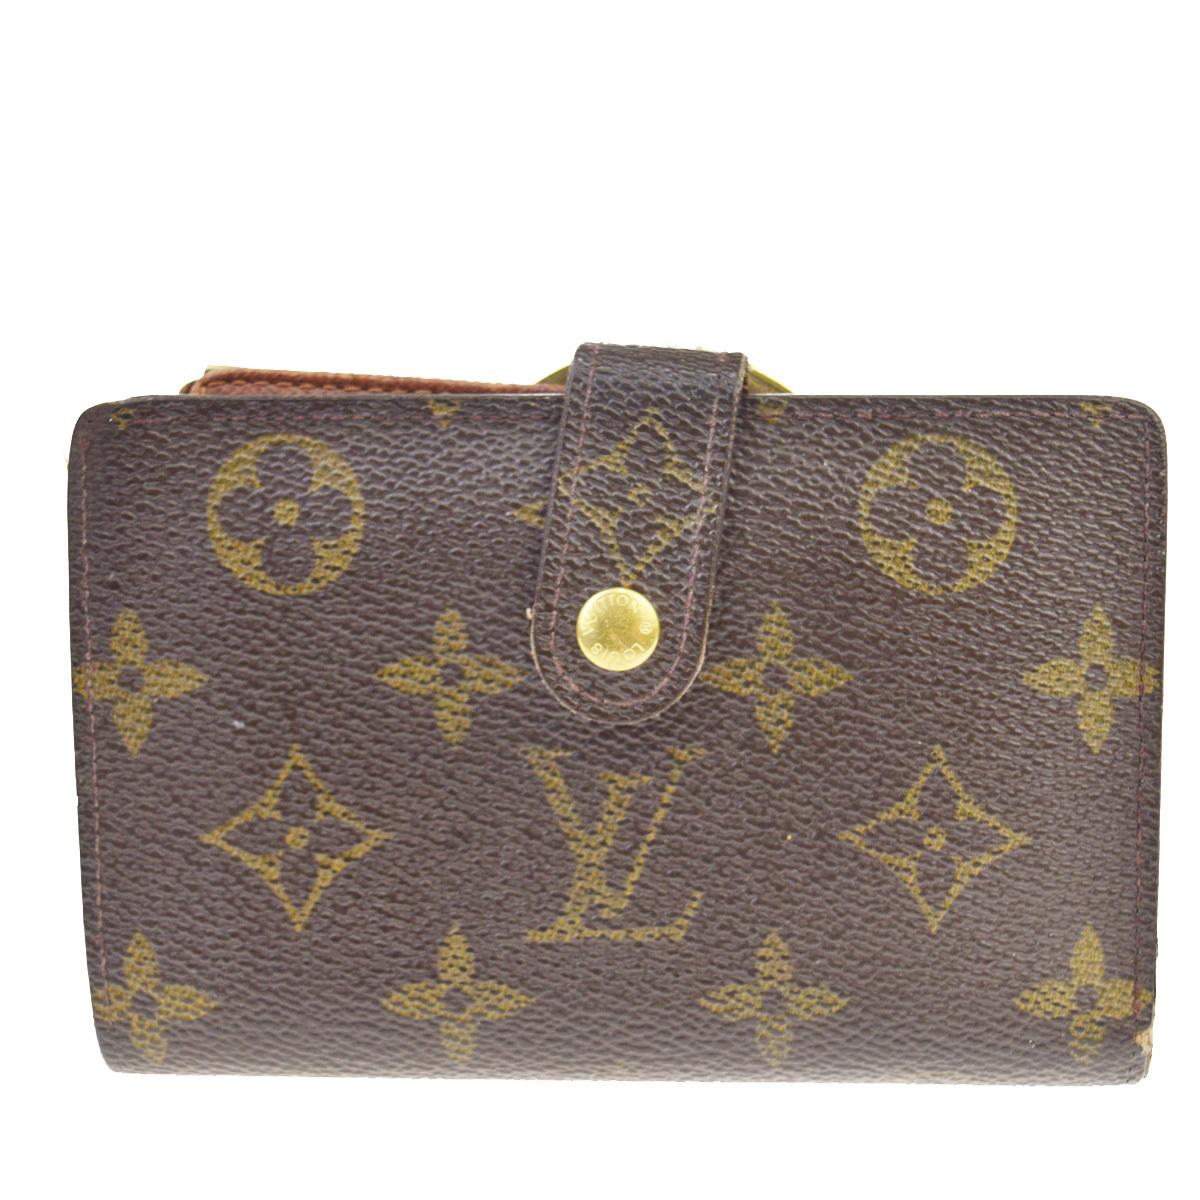 【中古】 ルイ・ヴィトン(Louis Vuitton) モノグラム M61674 ヴィエノワ モノグラム 中財布(二つ折り) ブラウン 08FA485